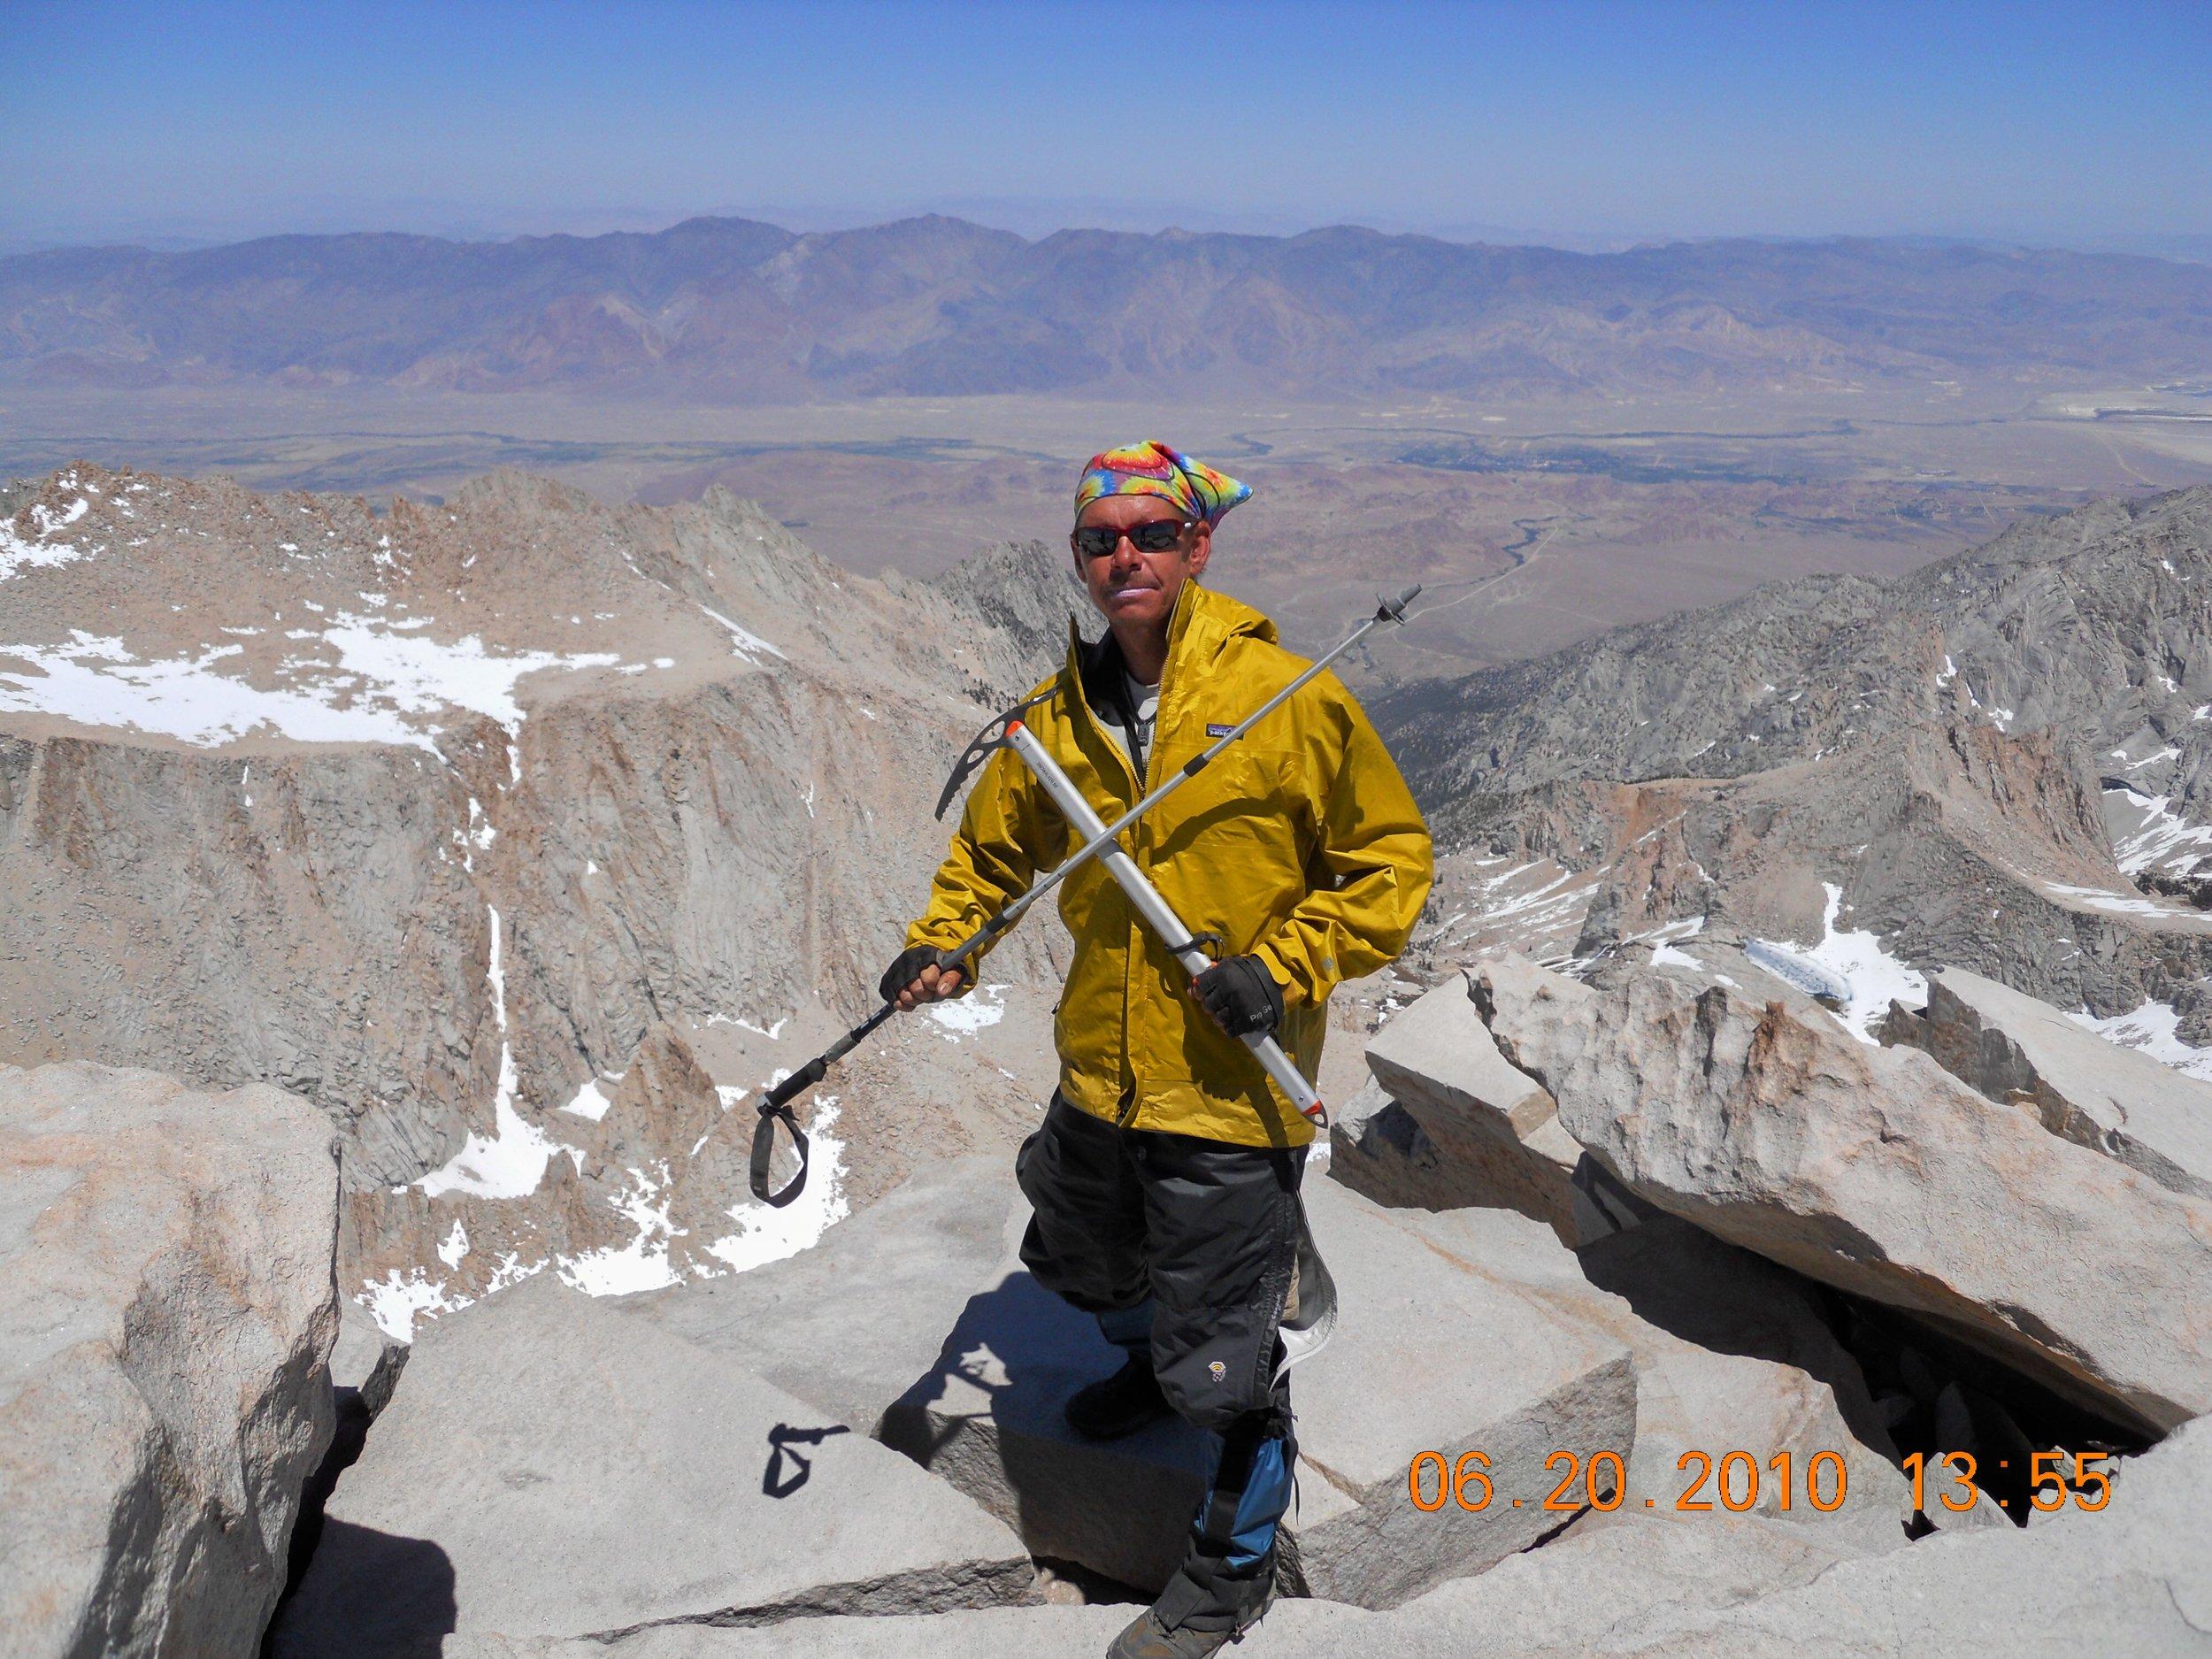 Mount Whitney elevation 14,505 ft, 2010